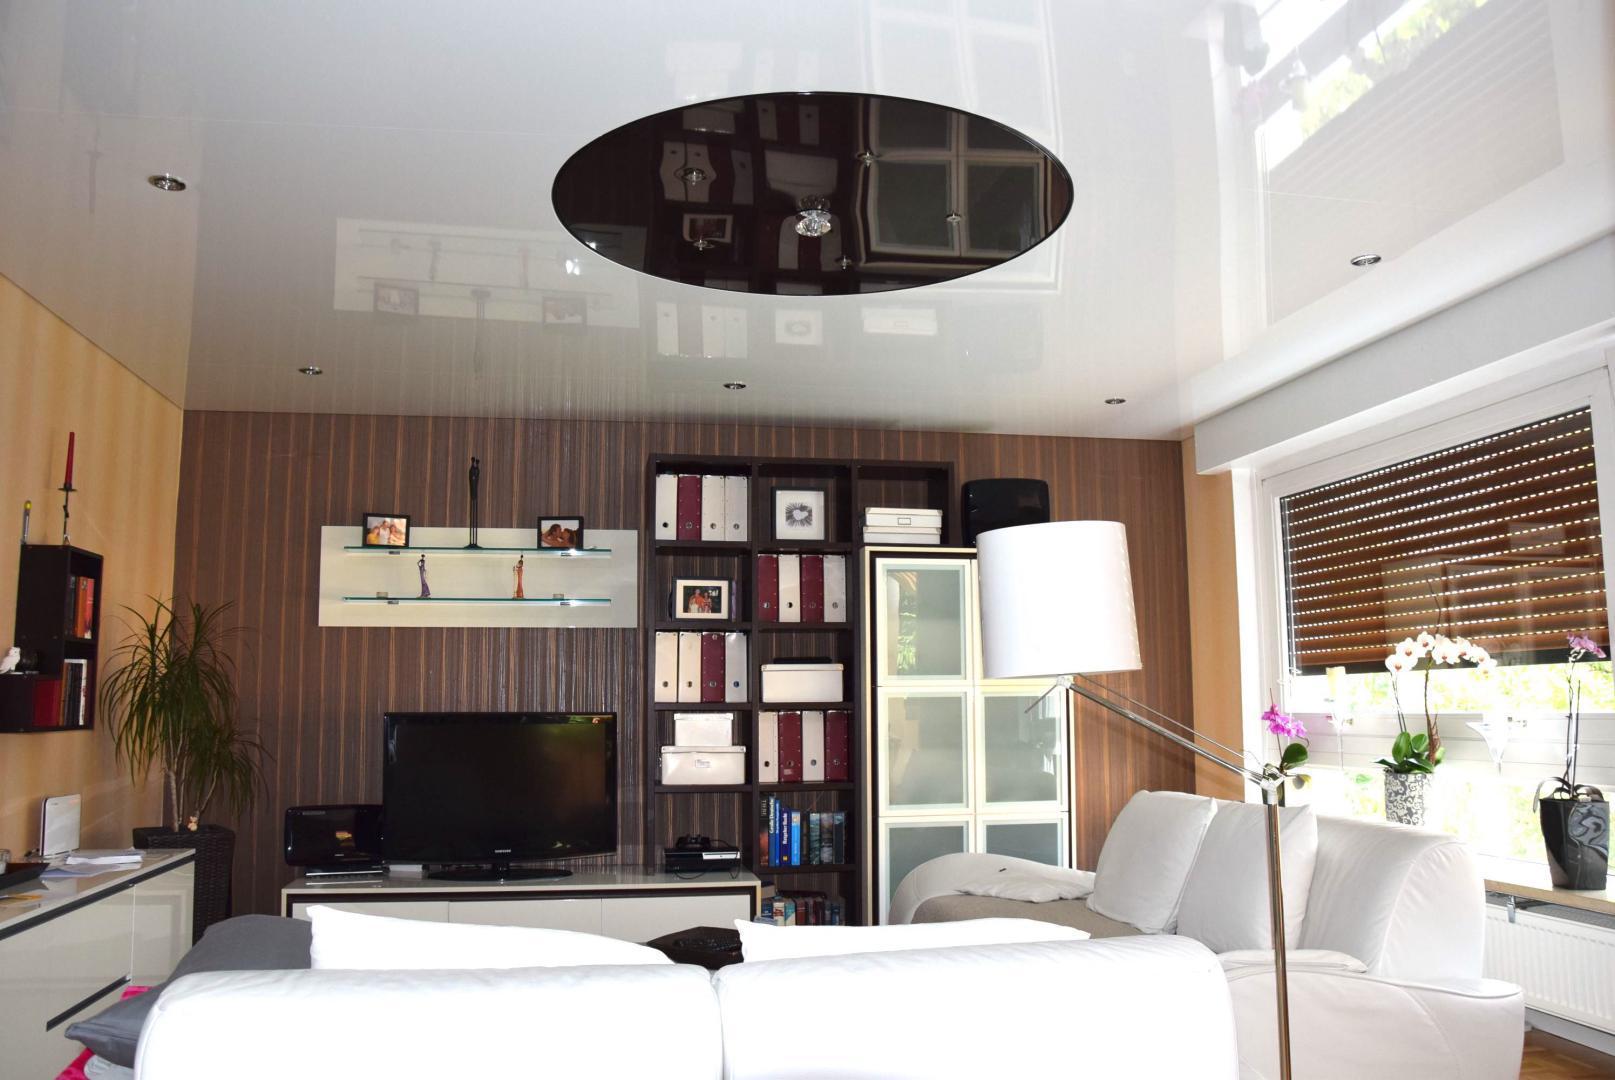 Full Size of Wohnzimmer Decken Schöne Wohnzimmer Decken Wohnzimmer Decken Beispiel Moderne Wohnzimmer Decken Wohnzimmer Wohnzimmer Decken